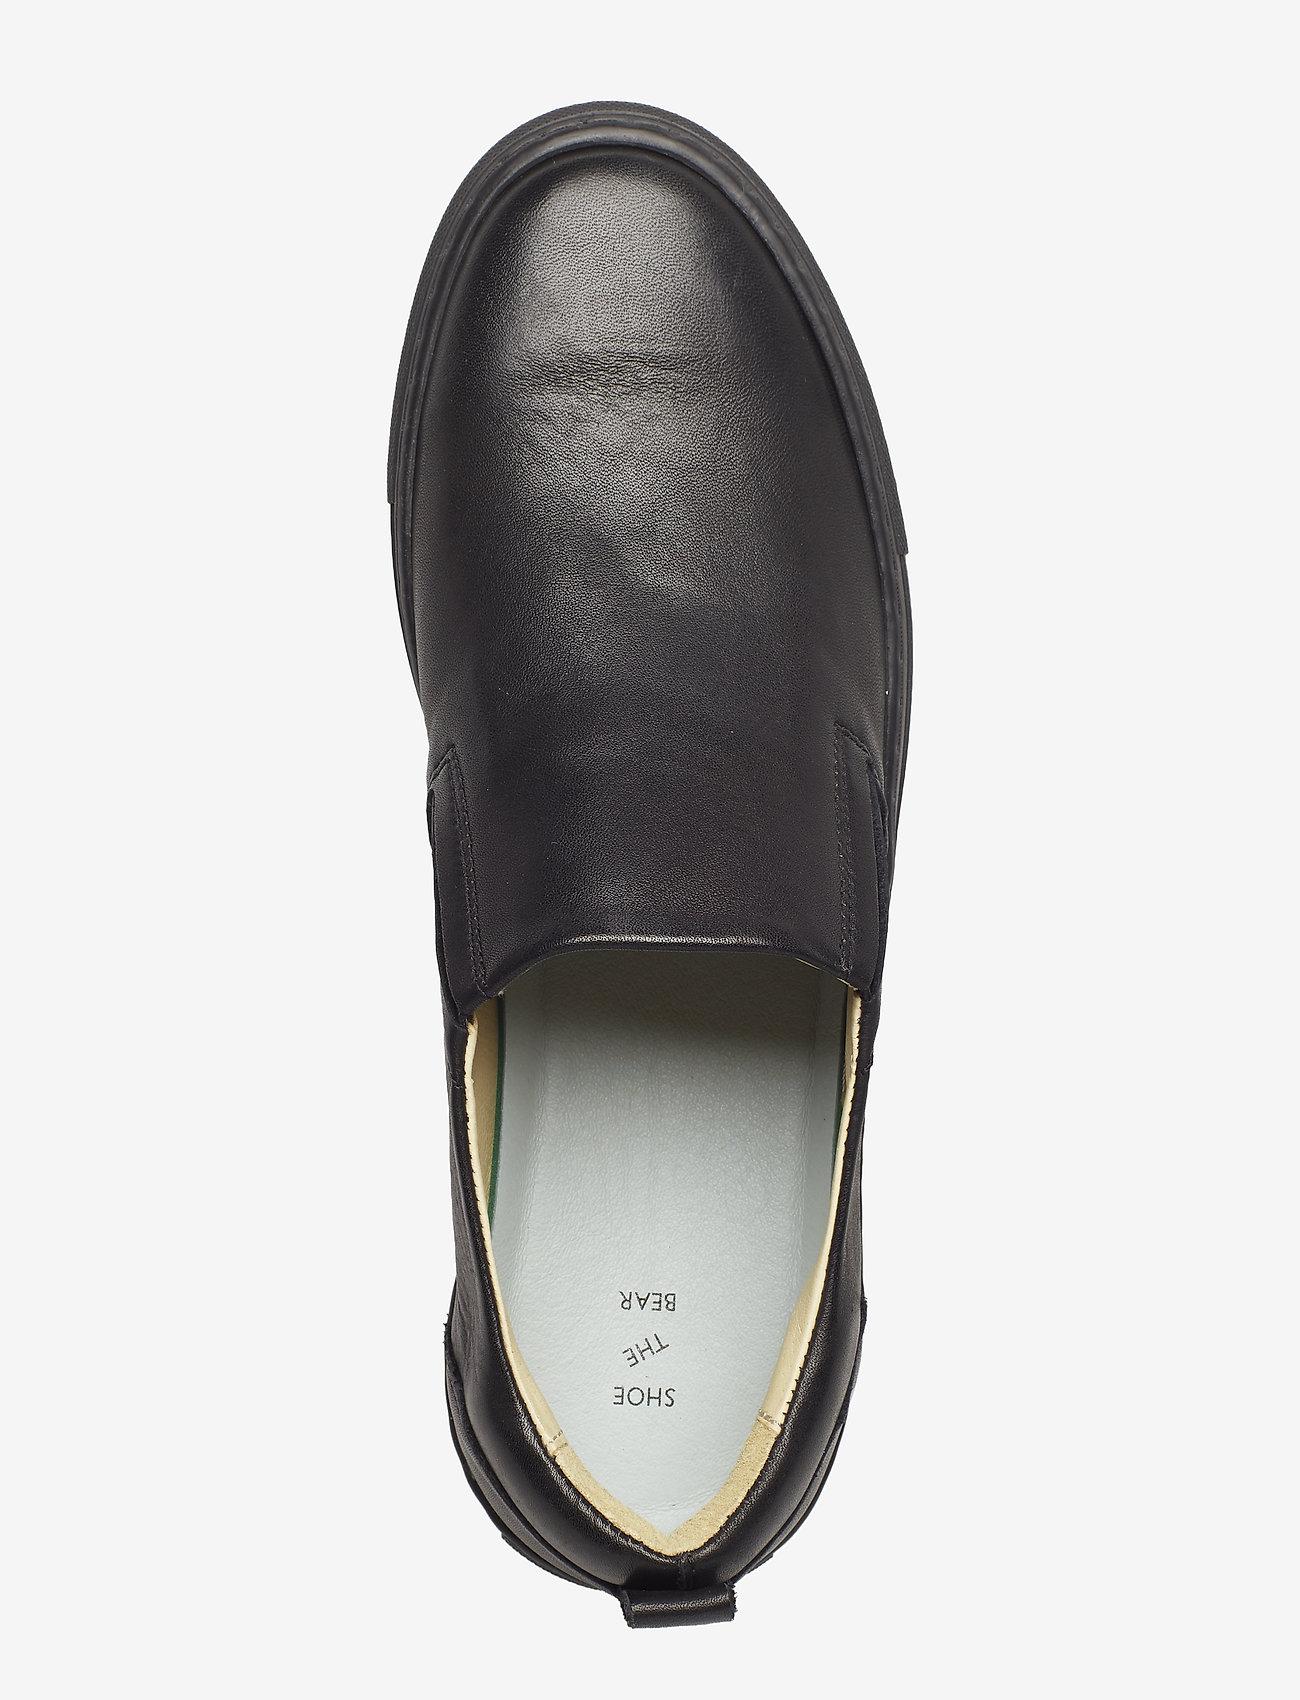 Adam L (Black) - Shoe The Bear hFkJNp